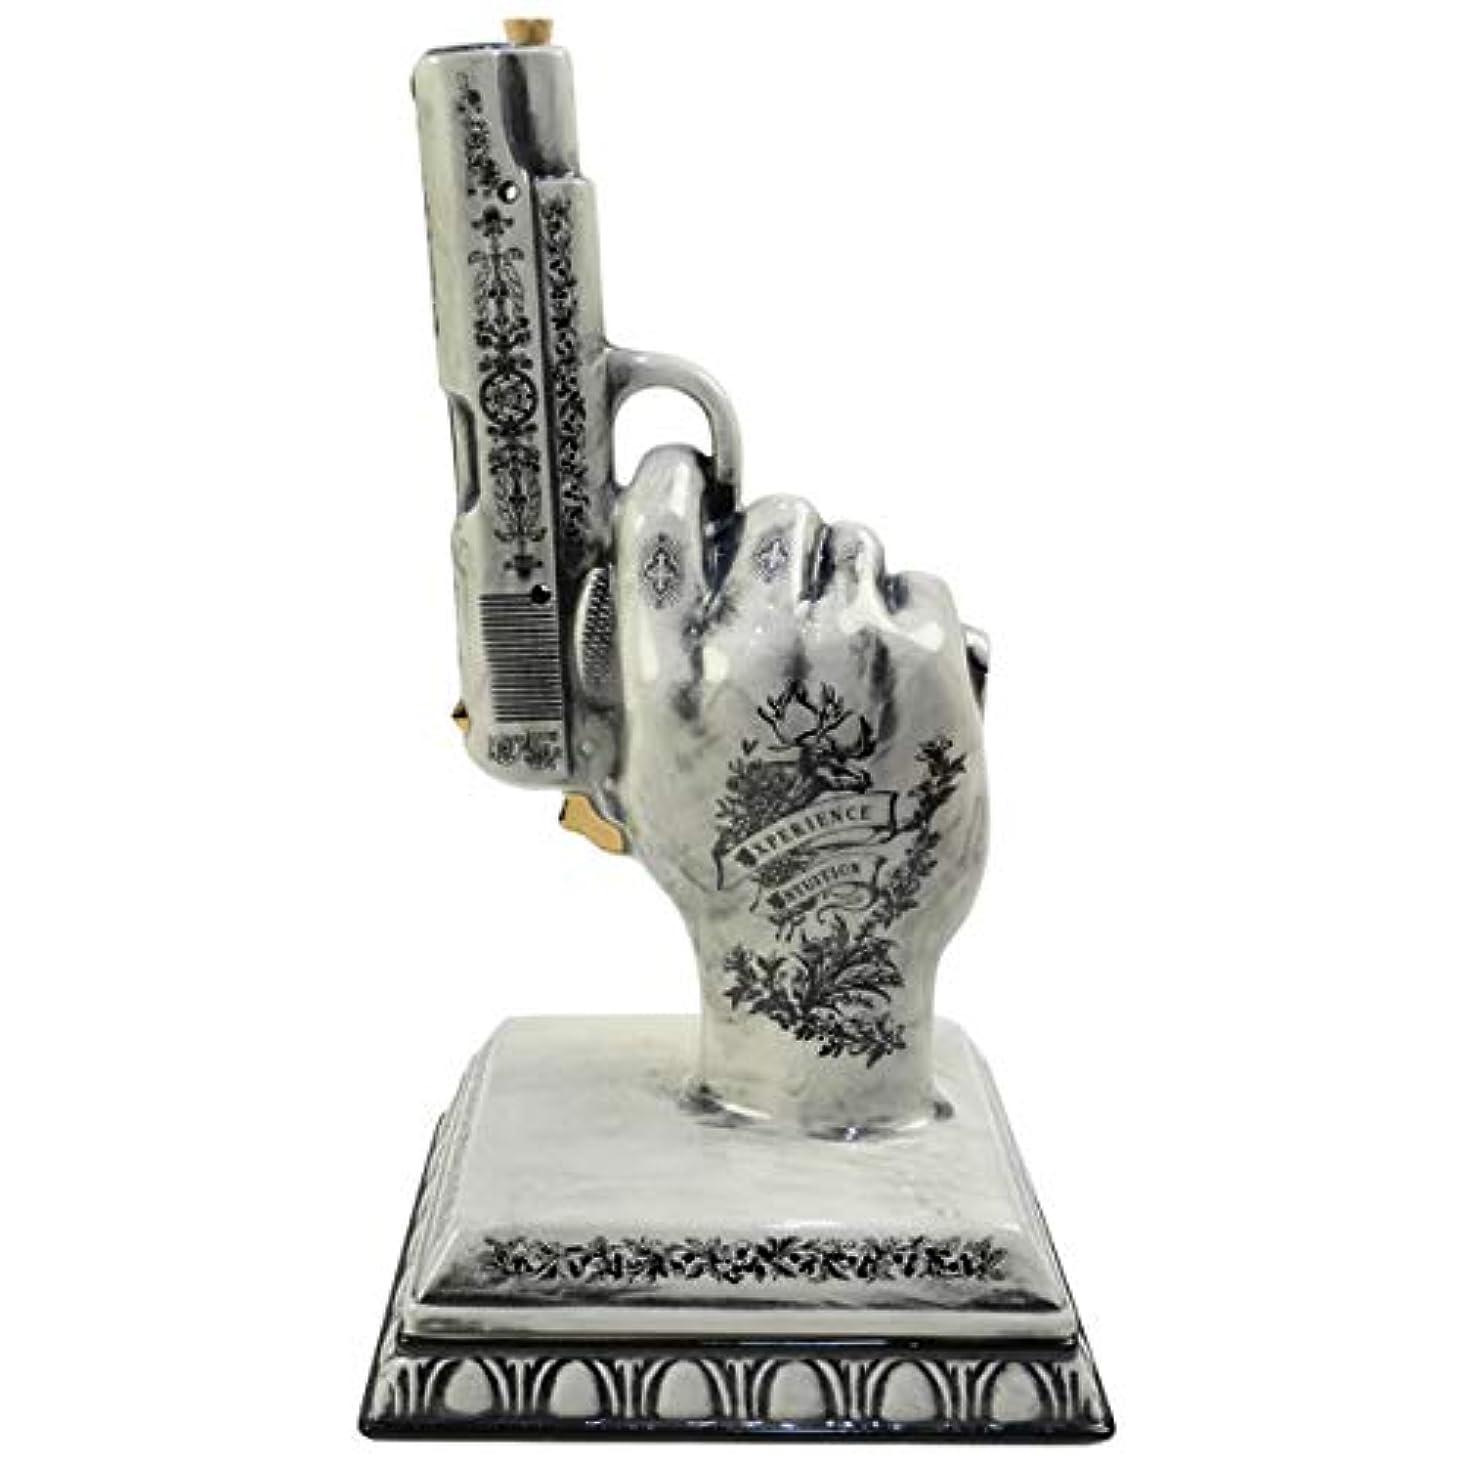 アークダイヤモンド開示するNEIGHBORHOOD ネイバーフッド 15SS BOOZE COLT/CE-INCENSE CHAMBER お香立て 黒 フリー